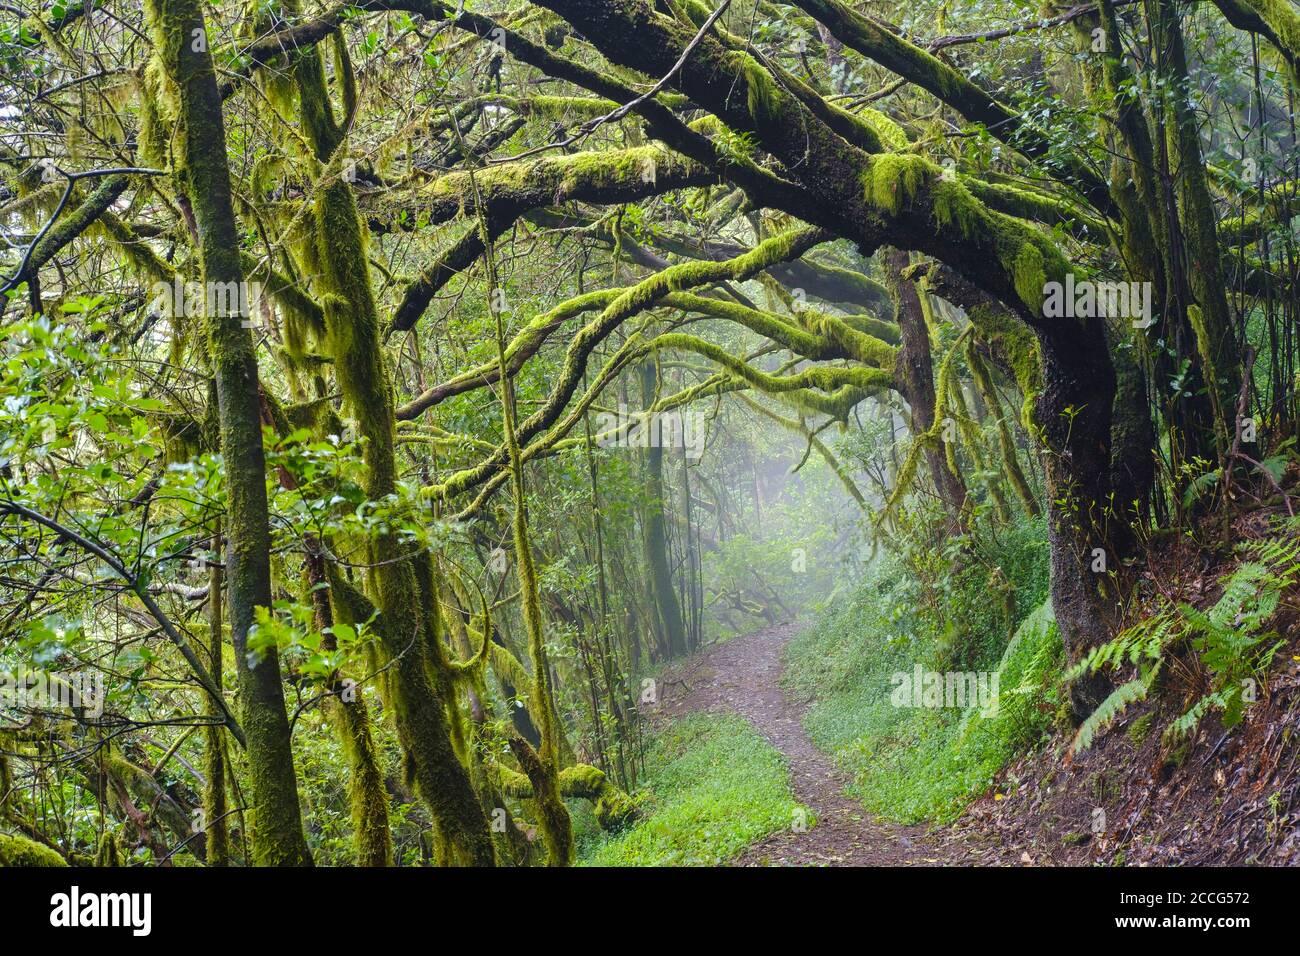 Ruta forestal en el bosque nuboso en el Cedro, Parque Nacional Garajonay, la Gomera, Islas Canarias, España Foto de stock